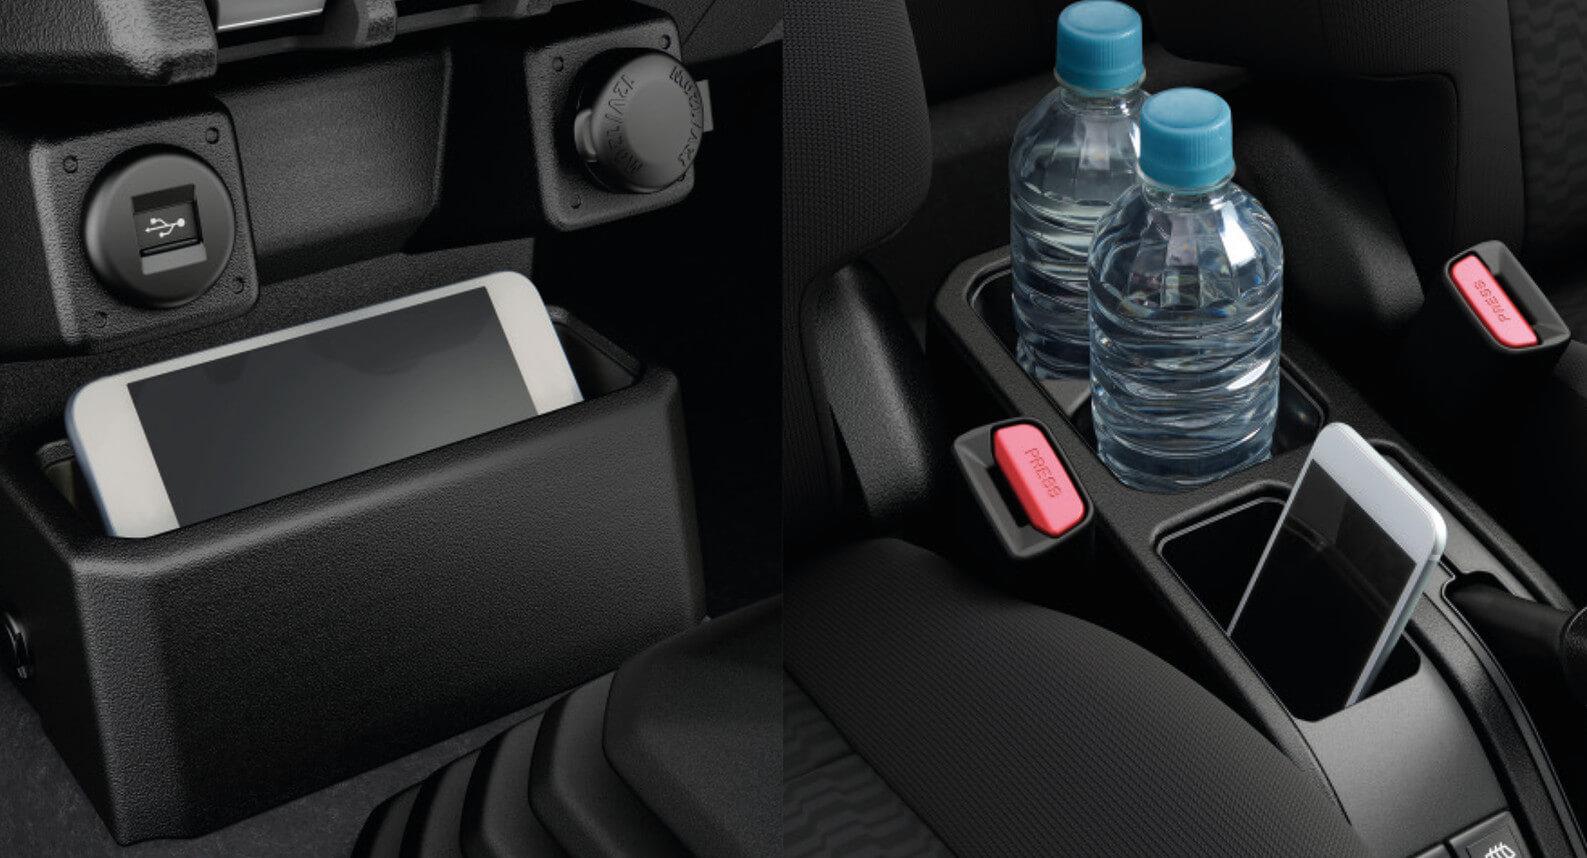 Handy front seat storage